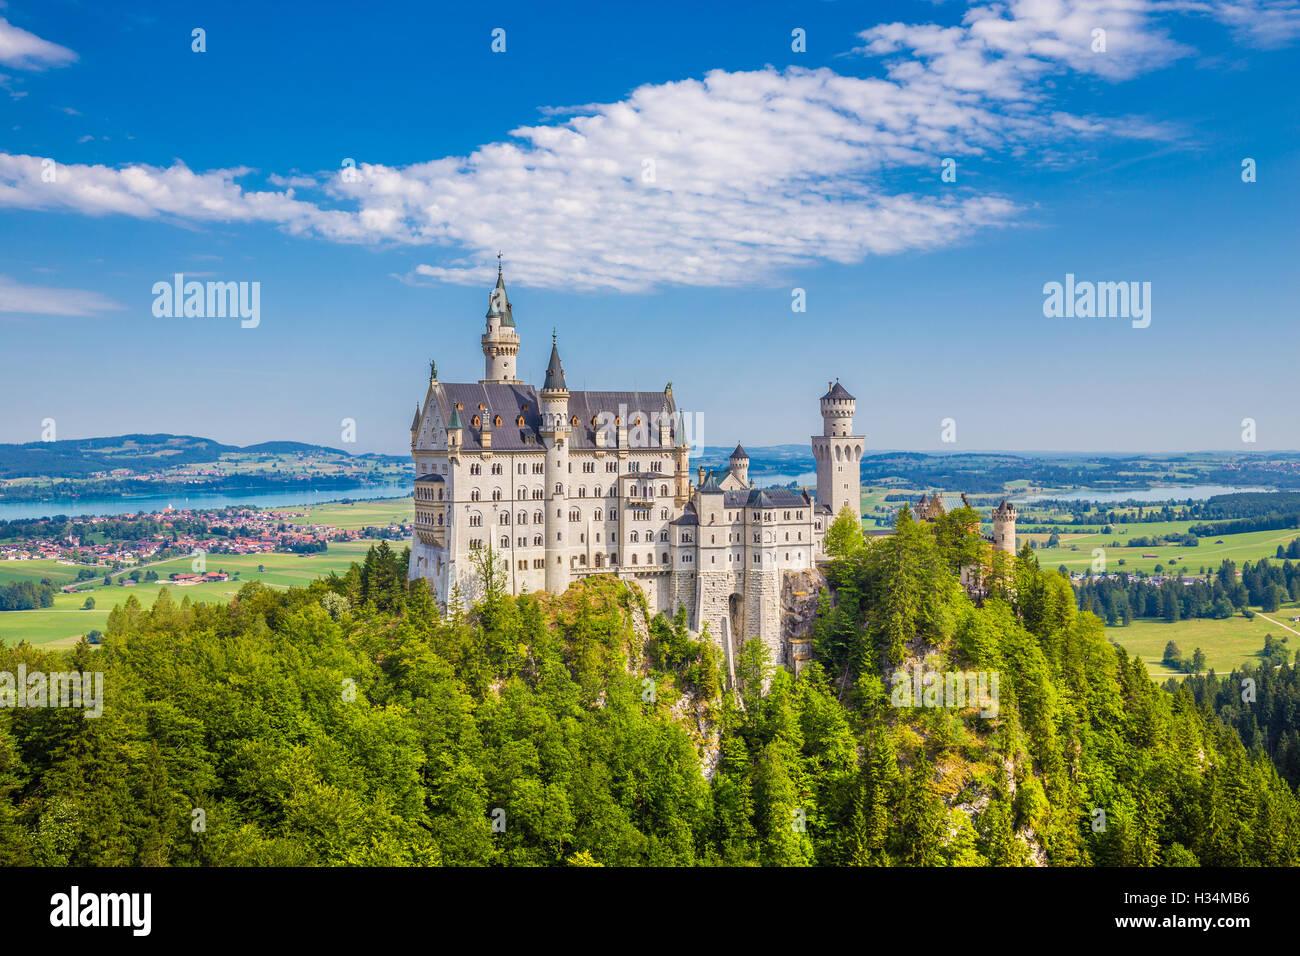 Klassische Ansicht des weltberühmten Schloss Neuschwanstein, einer der meist besuchten Burgen Europas, im Sommer, Stockbild